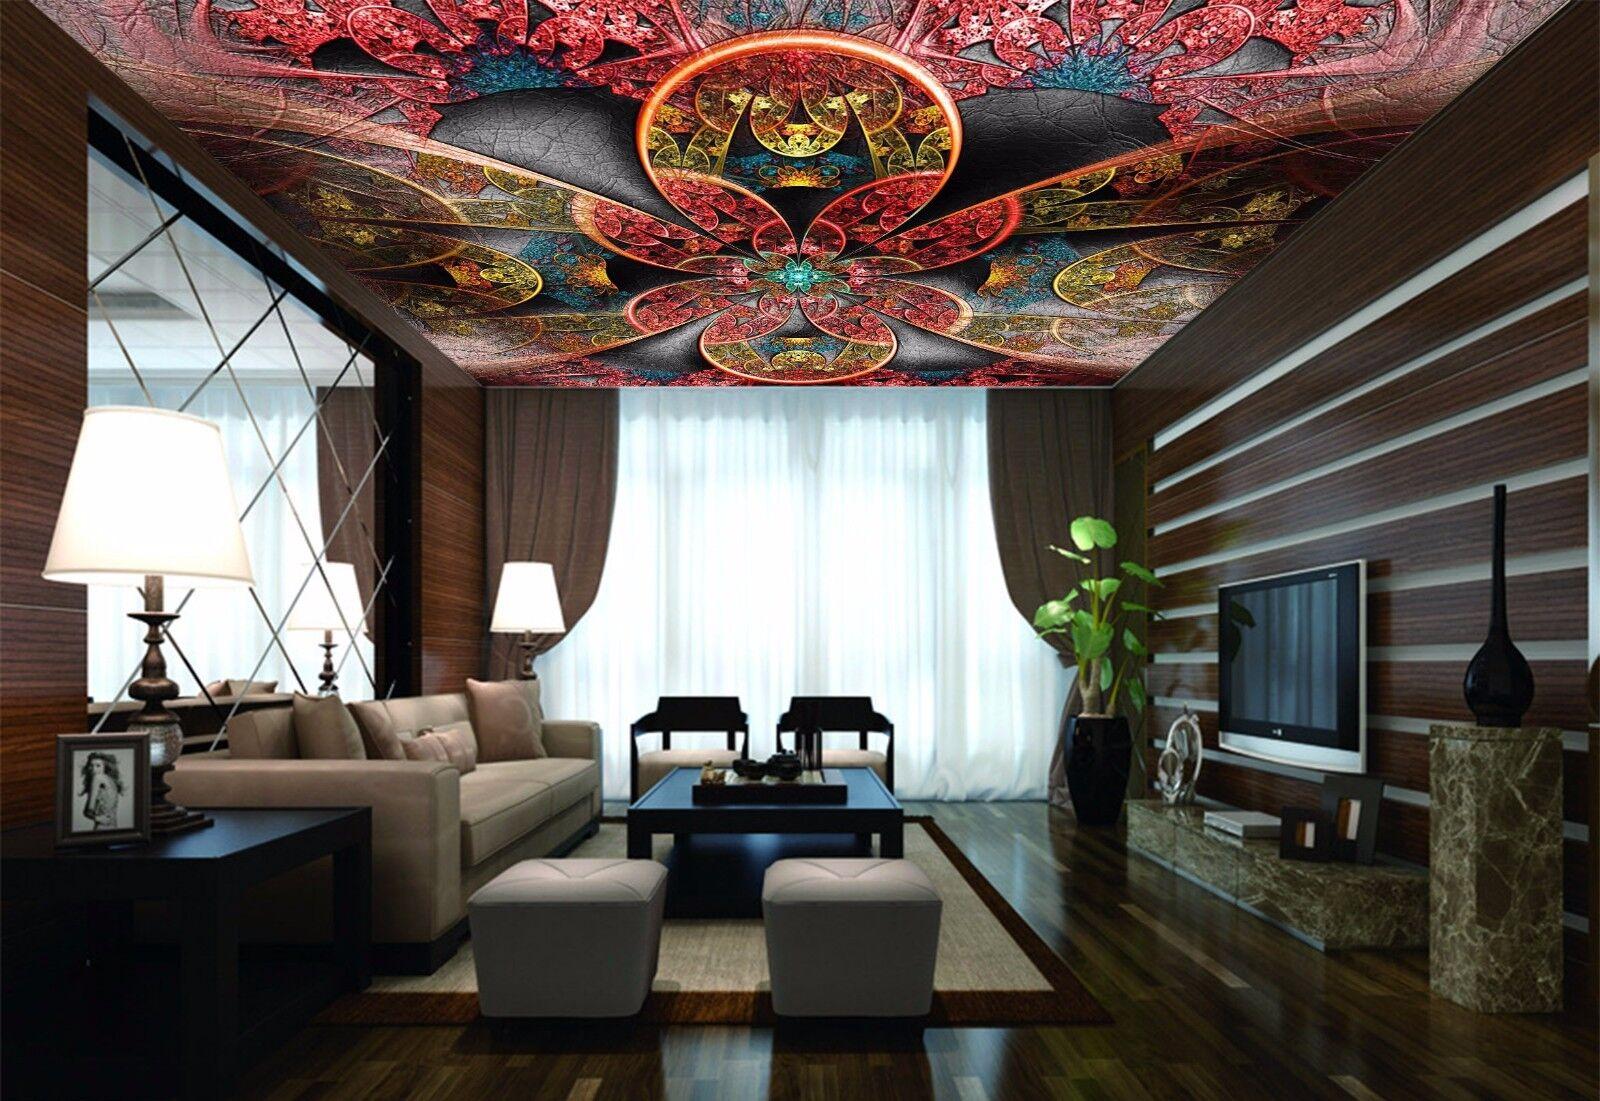 3D Leaf Texture 875 Ceiling WallPaper Murals Wall Print Decal Deco AJ WALLPAPER